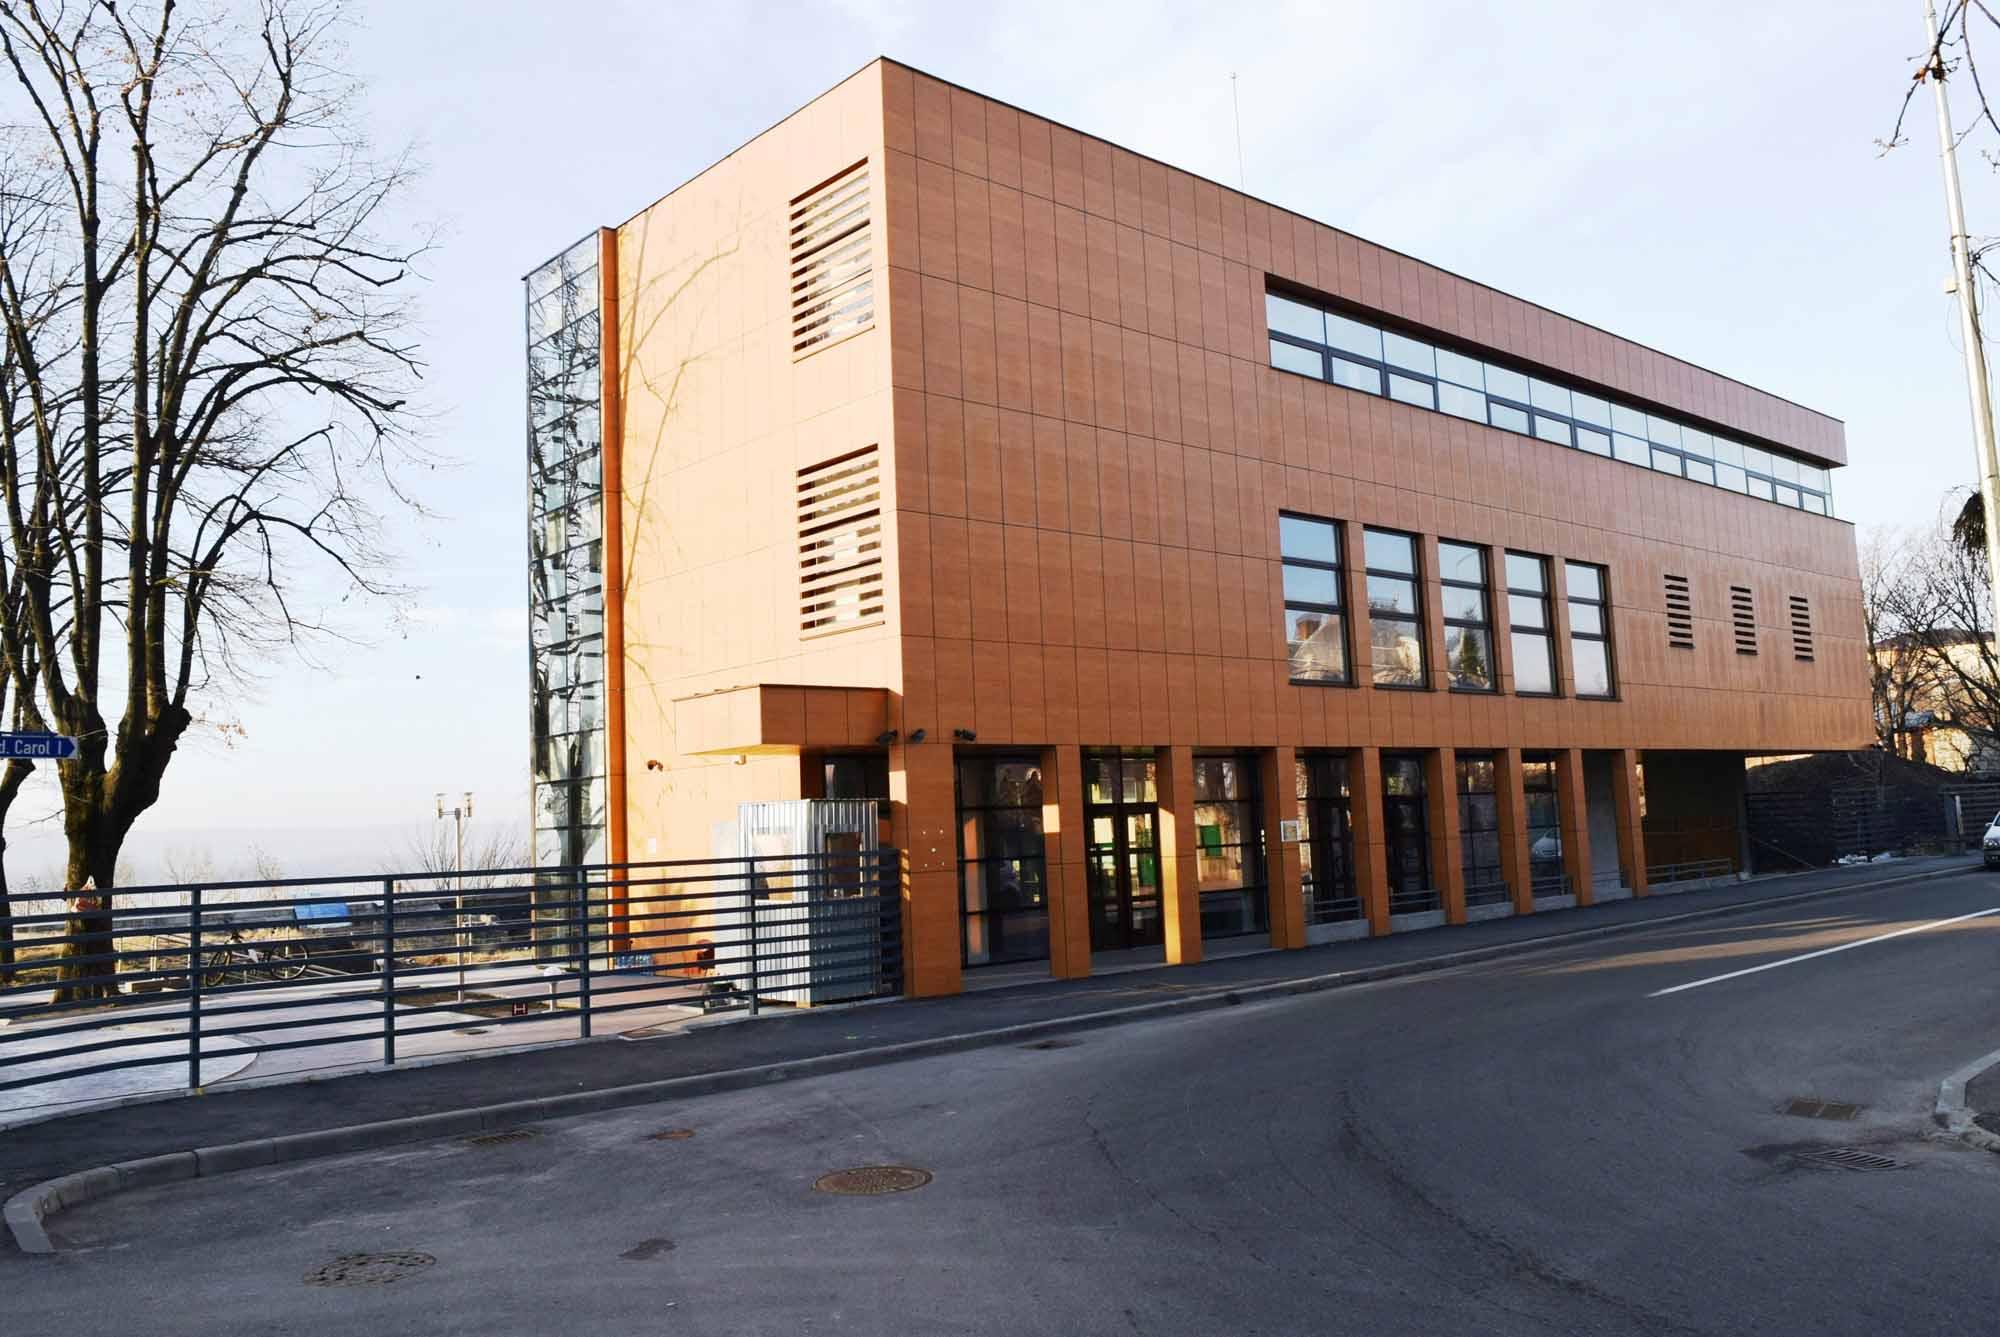 Activități educative , Muzeul Porțile de Fier, Drobeta Turnu-Severin